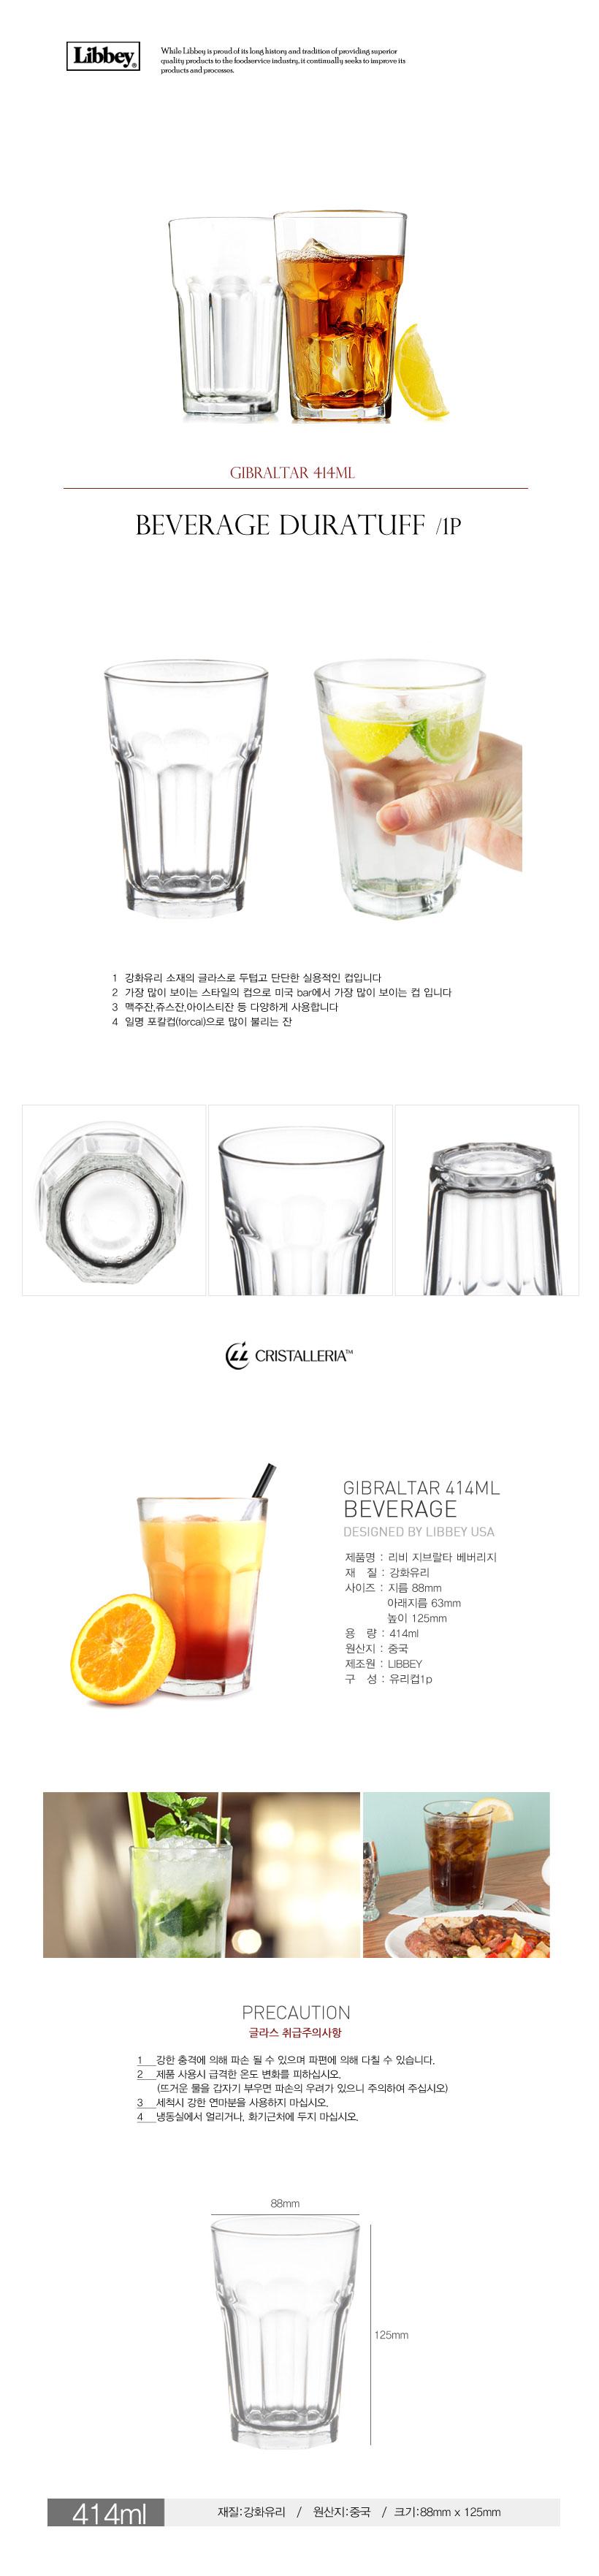 리비 지브랄타 베버리지 414ml(14oz) 1P - 재미있는생활, 3,200원, 유리컵/술잔, 유리컵